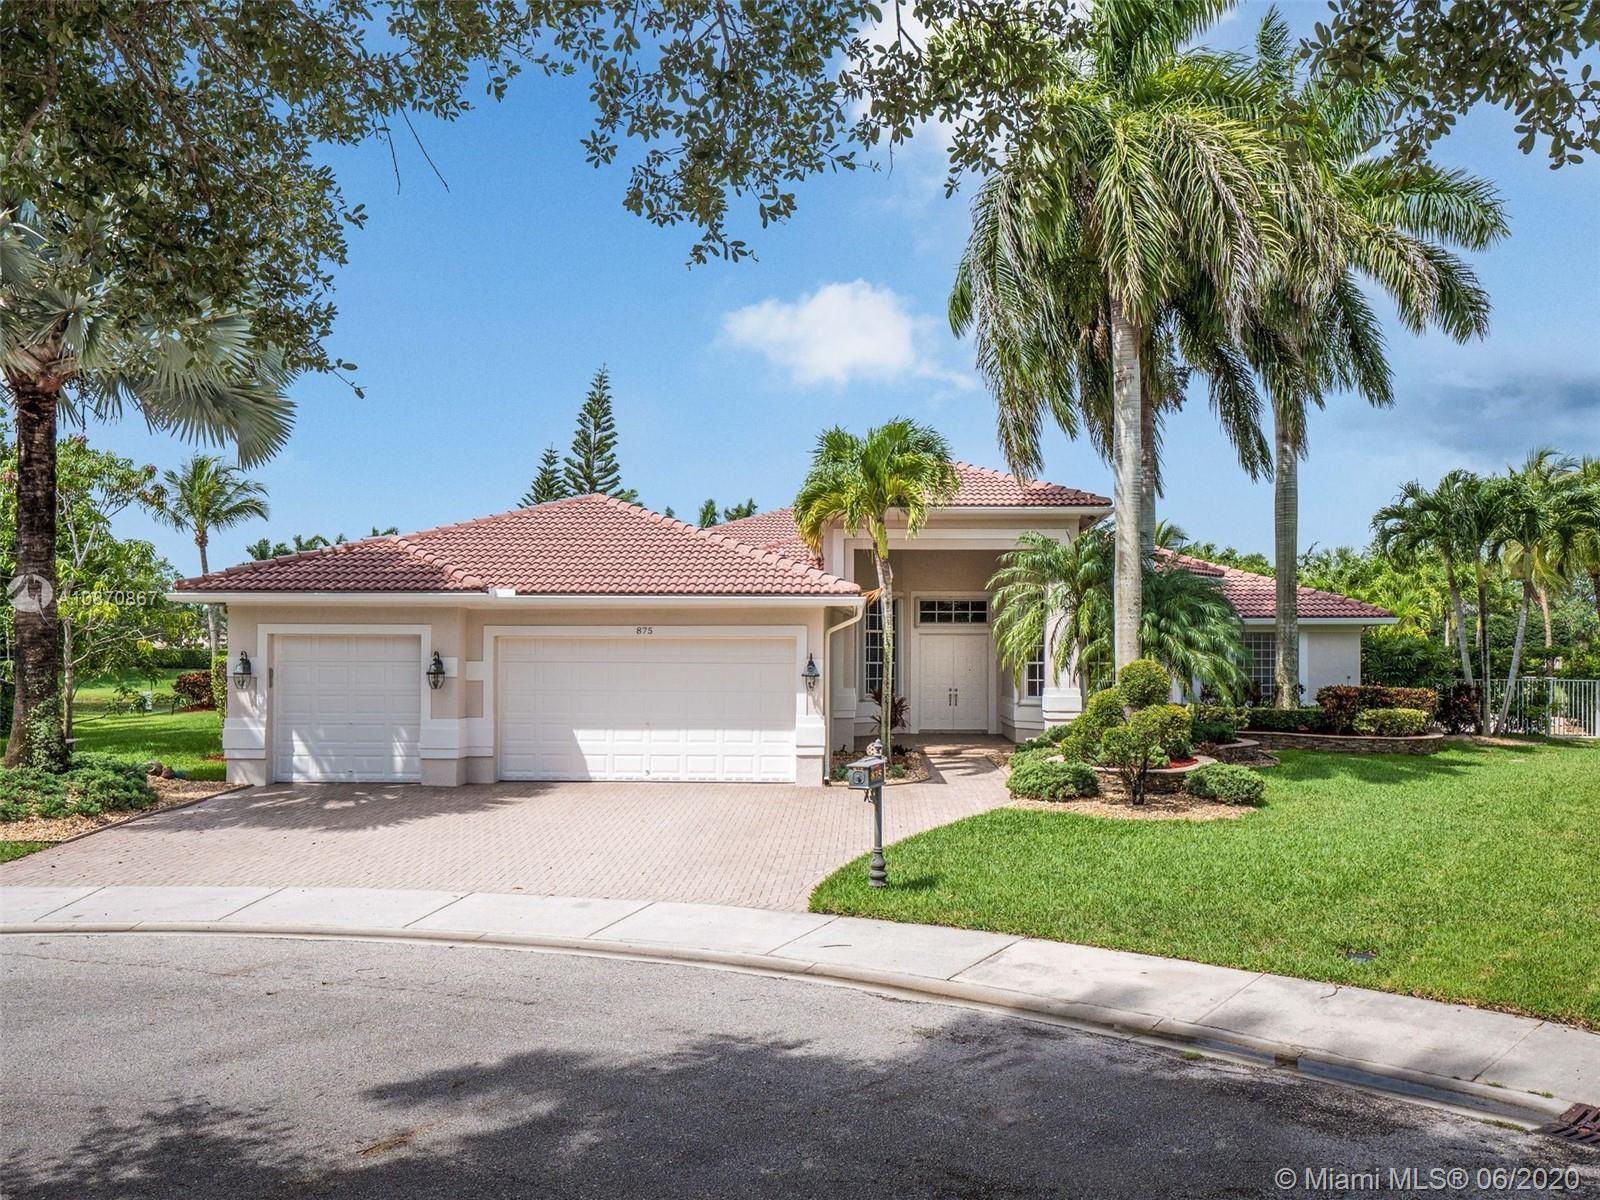 875 Tradewinds Bnd, Weston, FL 33327 - #: A10870867